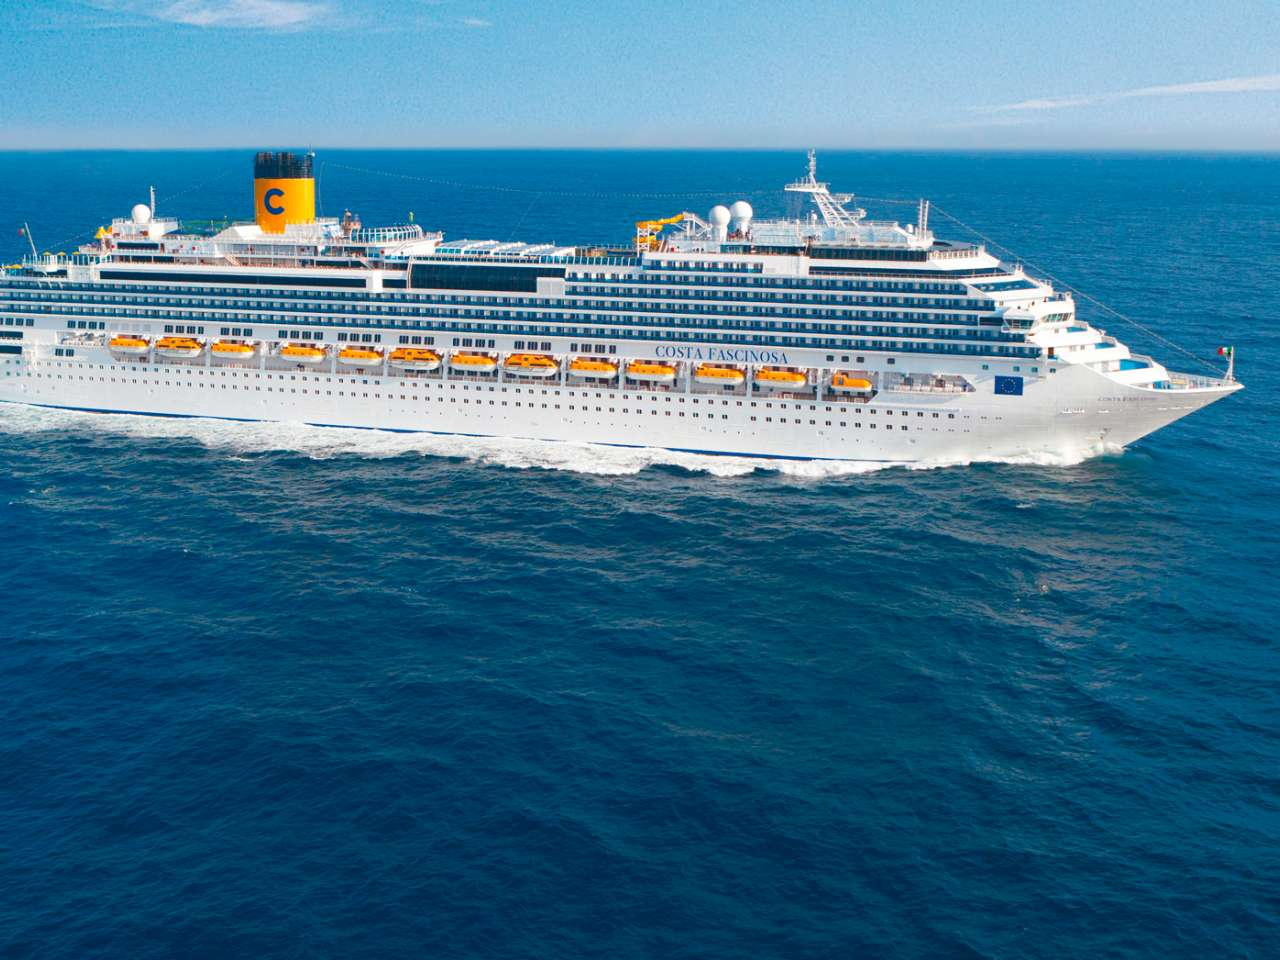 Crucero Costa Favolosa por el Caribe